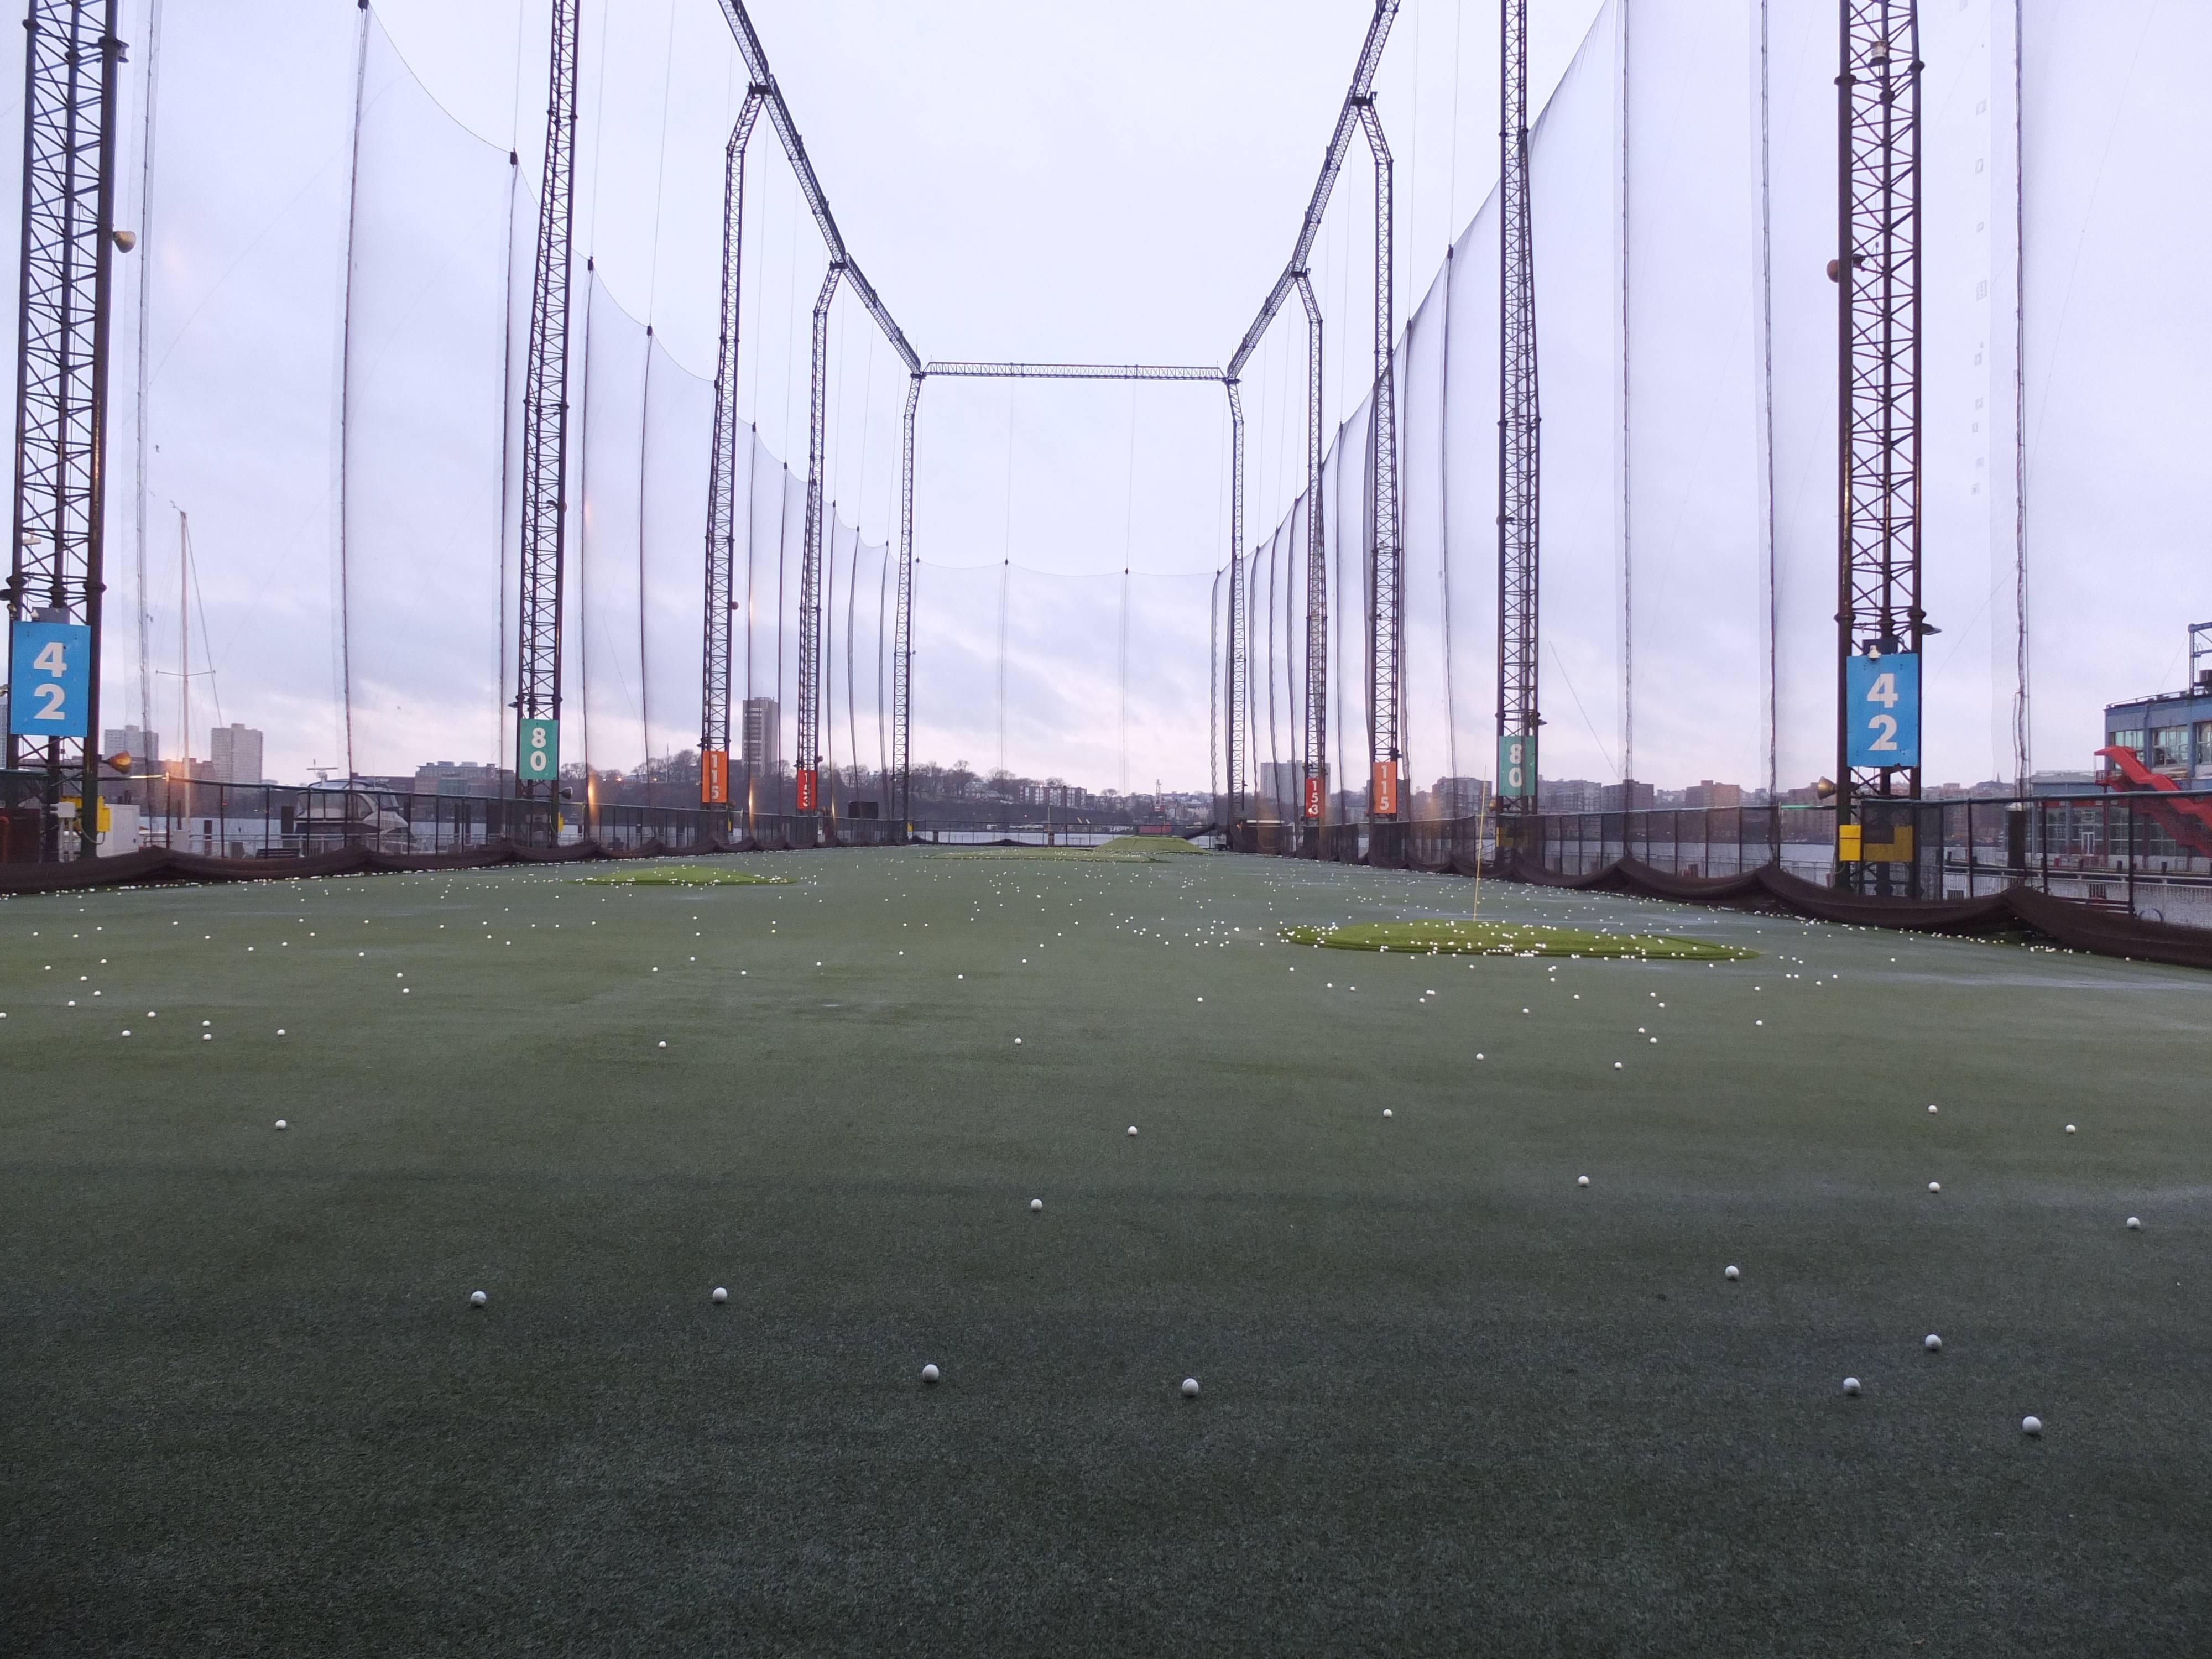 Photo 2: Faire un practice à New York, face à l'Hudson River